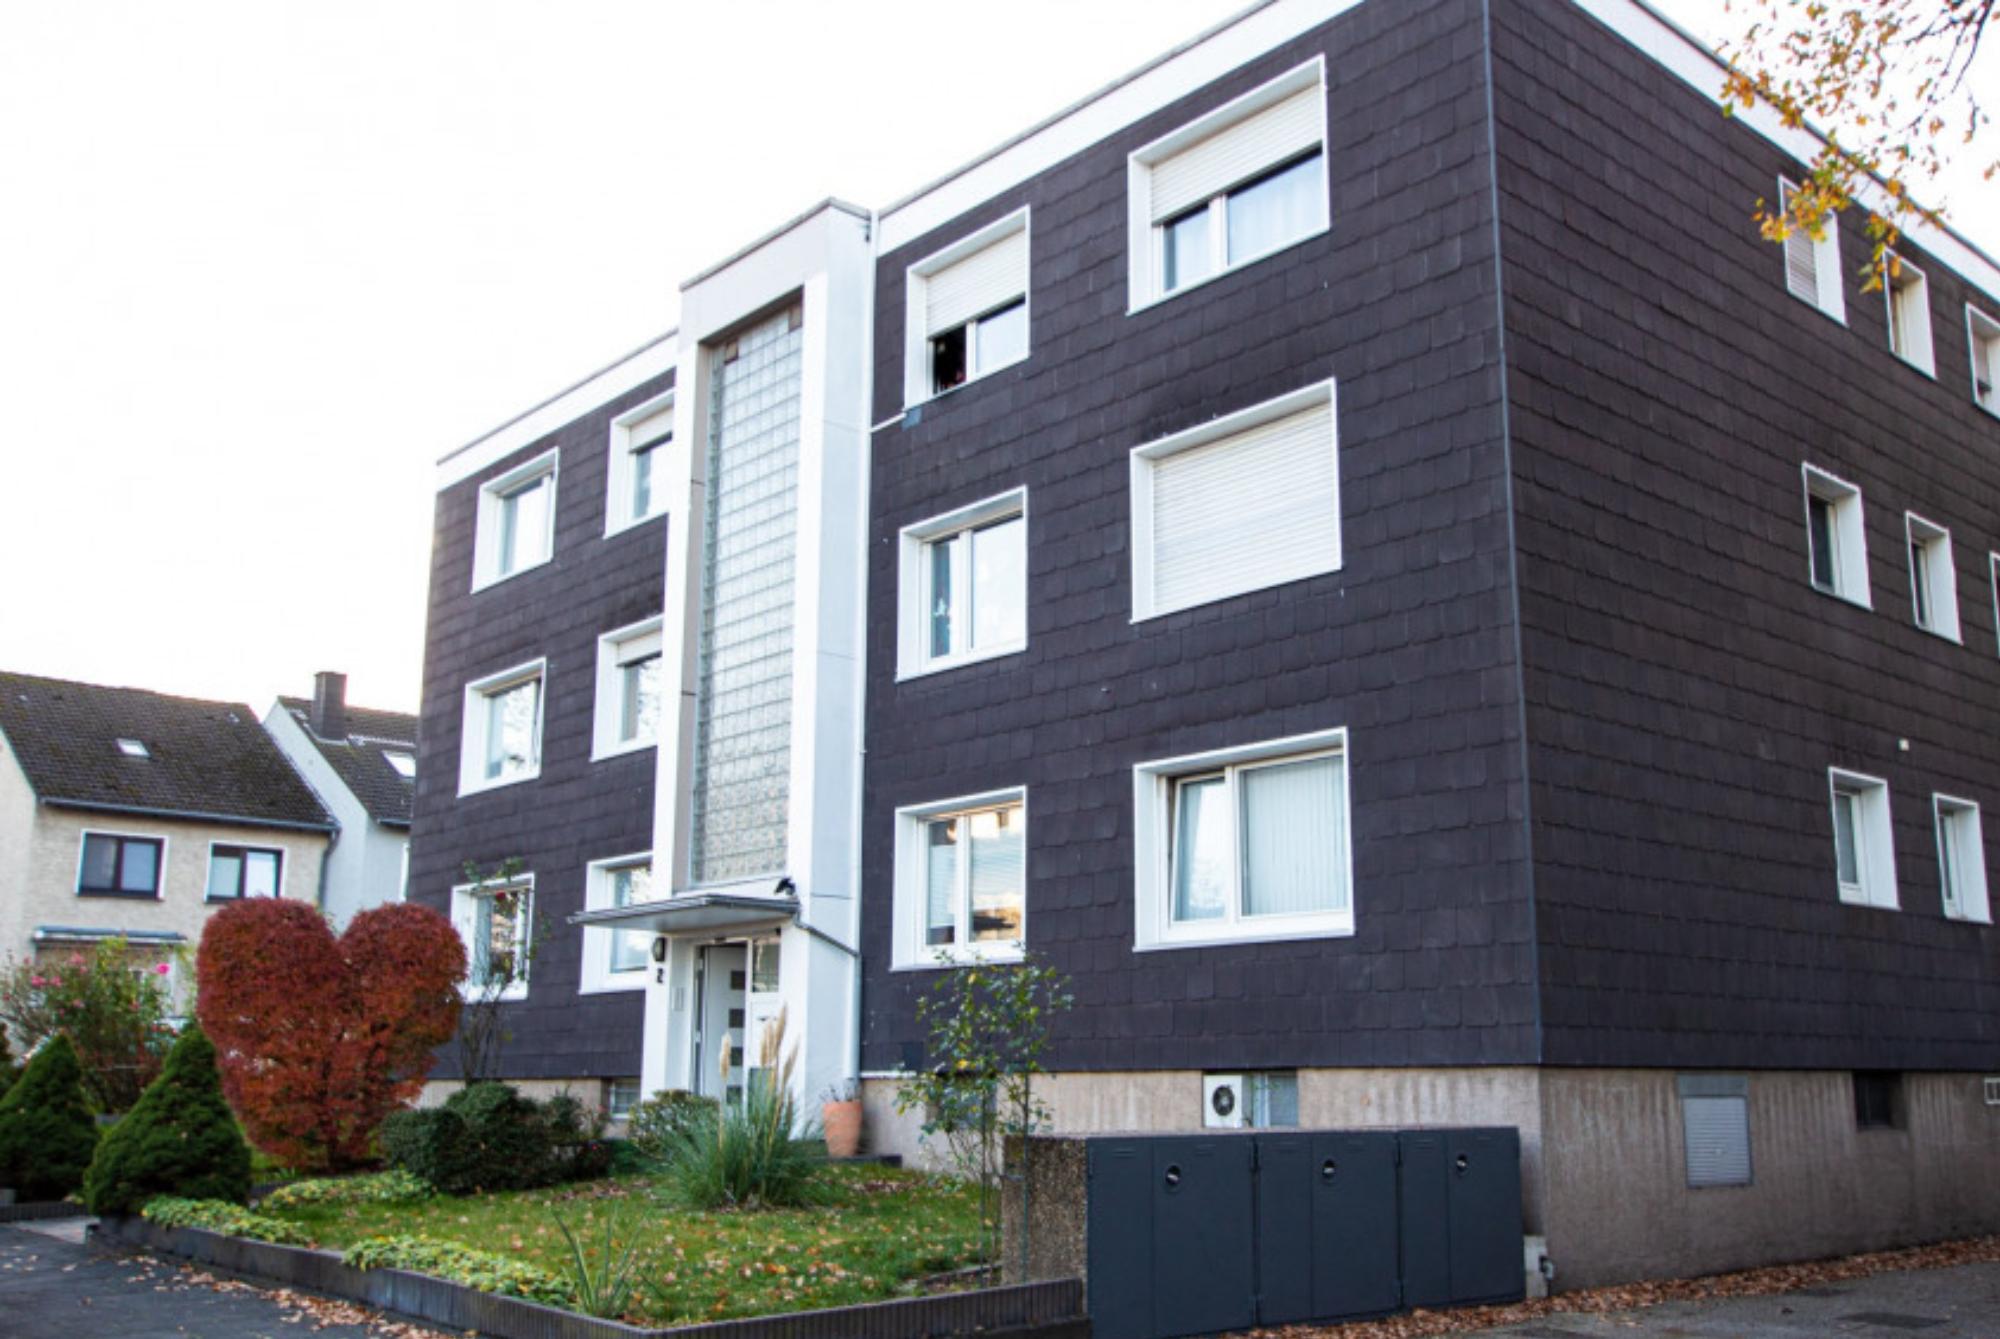 Gut investiert: Schöne 3-Zimmer-Balkonwohnung in ruhiger Lage! – mit 360°-Tour – RESERVIERT!